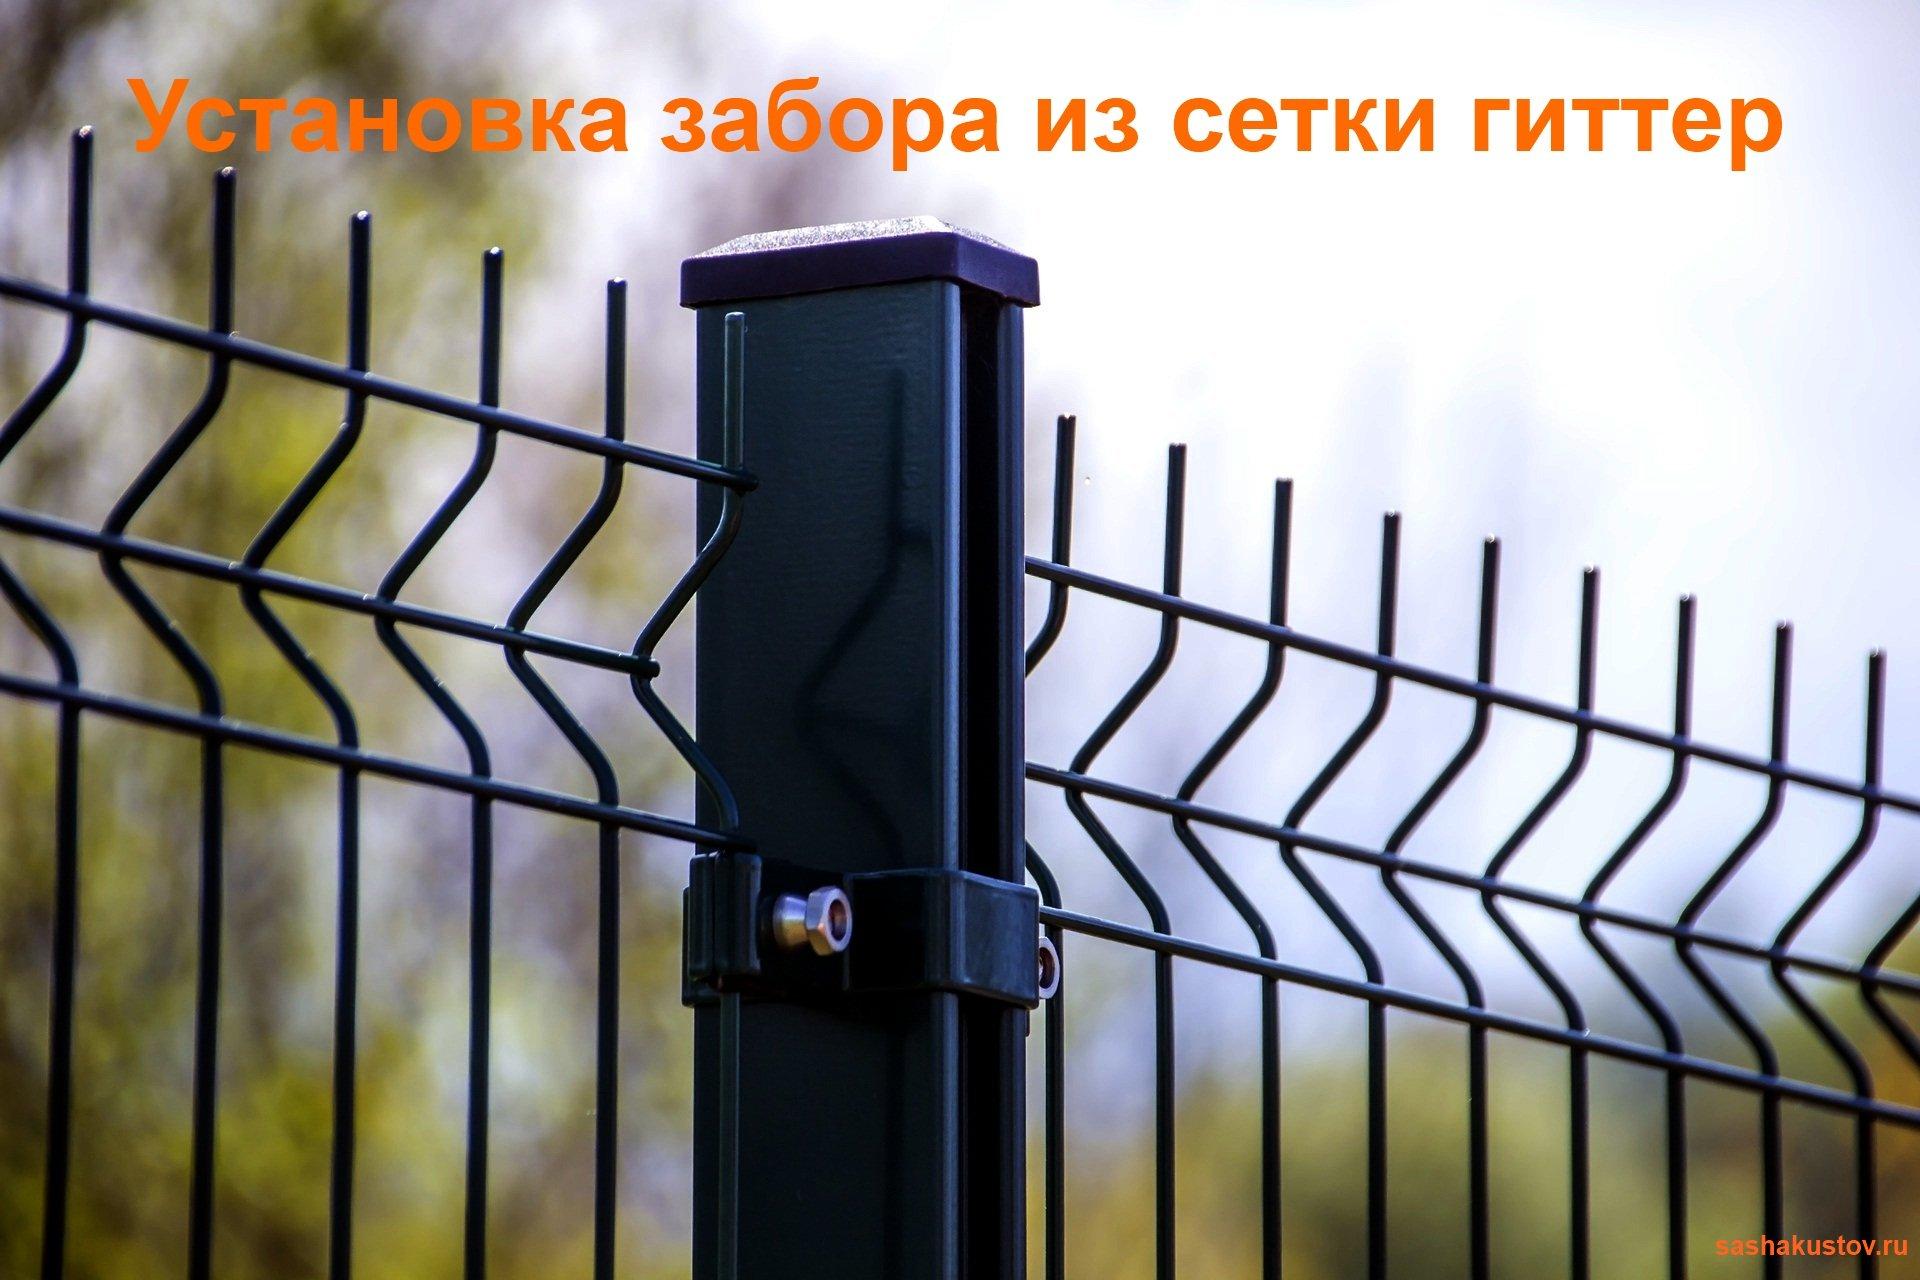 Забор гиттер